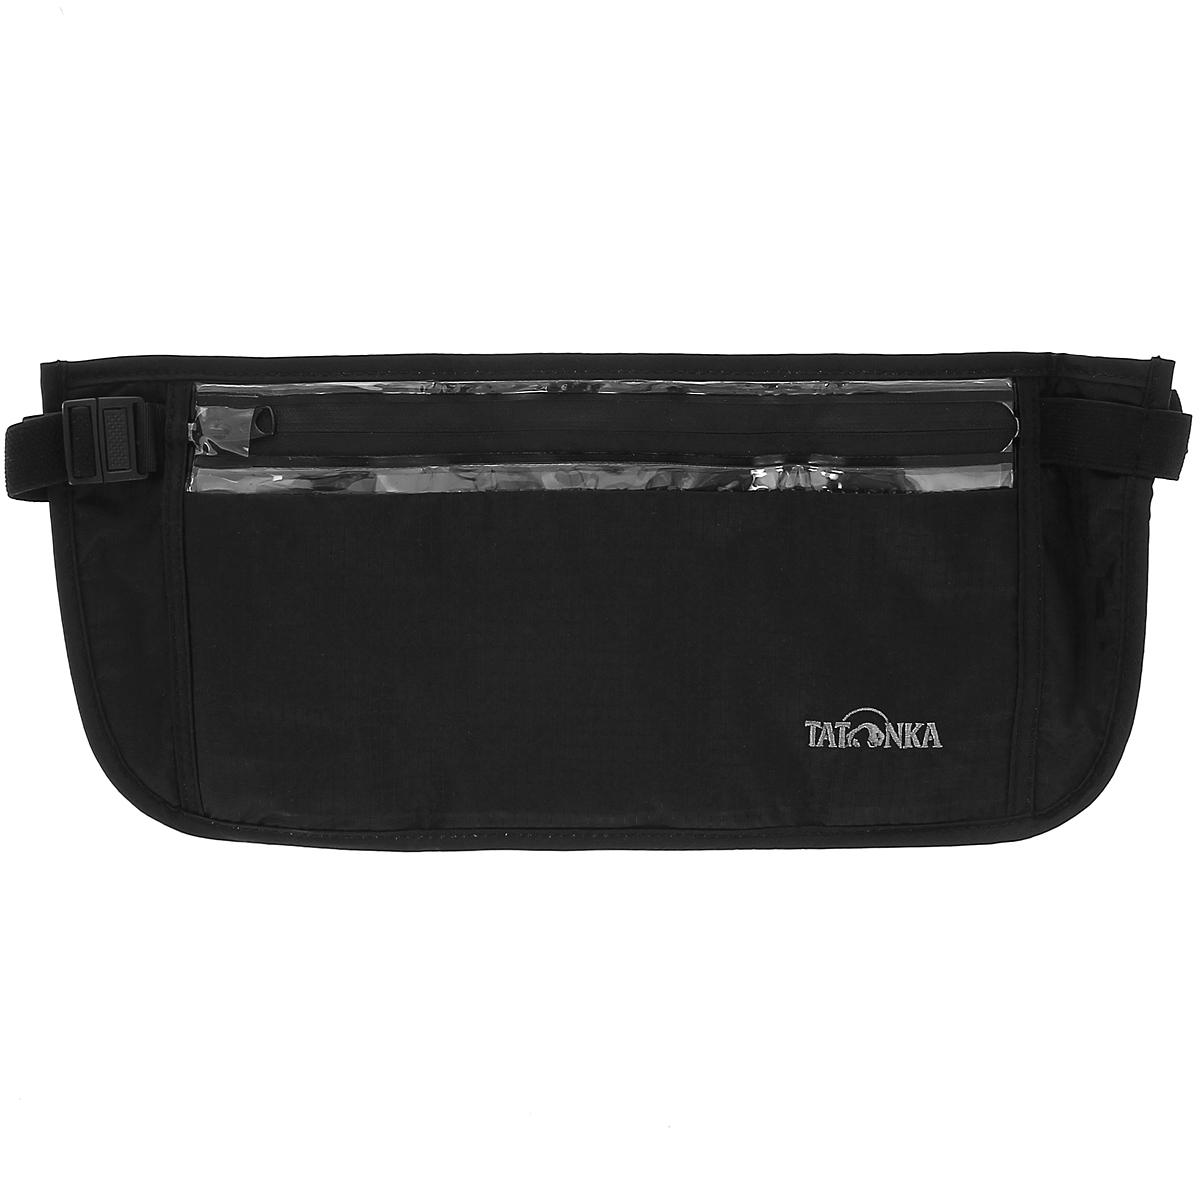 Кошелек на пояс Tatonka Skin Security Pocket, потайной, цвет: черный2854.040Большой вместительный кошелек для скрытого ношения на поясе Tatonka Skin Security Pocket подойдет не только для хранения денег, но и для сохранности документов и других ценных предметов. Он крепится на пояс при помощи эластичного ремня, длина которого регулируется. Изделие имеет одно вместительное отделение на водонепроницаемой застежке-молнии. Кошелек с обратной стороны выполнен из приятного для кожи мягкого материала, не вызывающего аллергию, внутри обтянут водонепроницаемой пленкой.Материал: 210T Nylon Rip Stop.Очень легкий материал RipStop нейлон (210 Den полиамид) с красивой и приятной на ощупь поверхностью, очень прочный. Изнутри покрыт полиуретаном с водостоойкостью 2000 мм. Нитка 210 денье (сокращено: Den) создает прочность на разрыв.